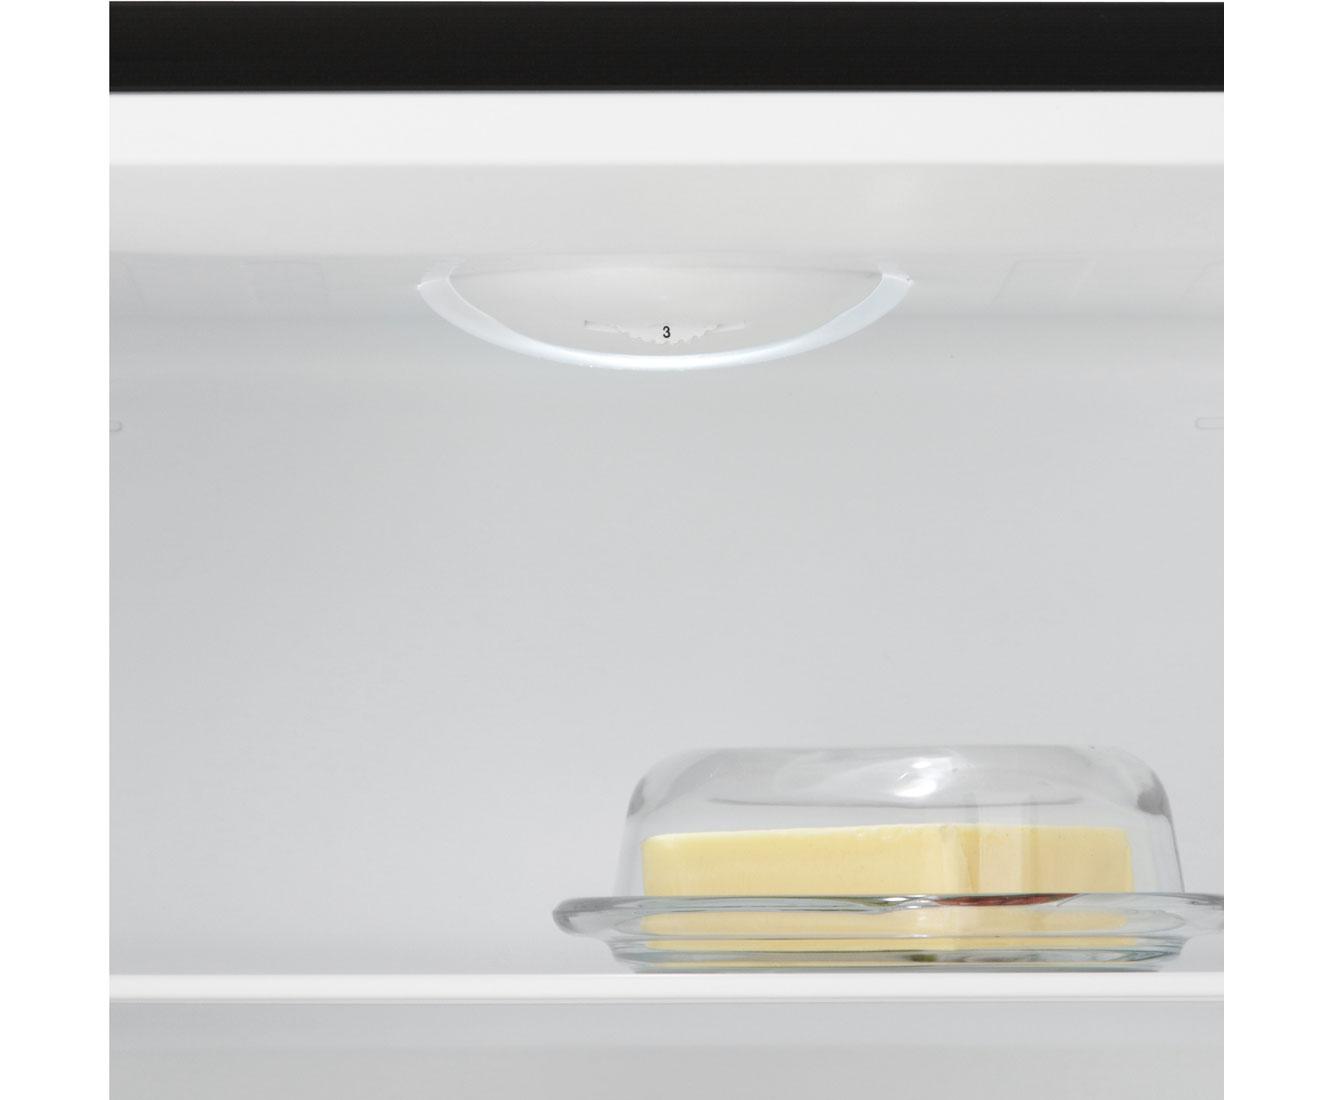 Bomann Kühlschrank Kg 322 : Bomann kg kühl gefrierkombination edelstahl optik a